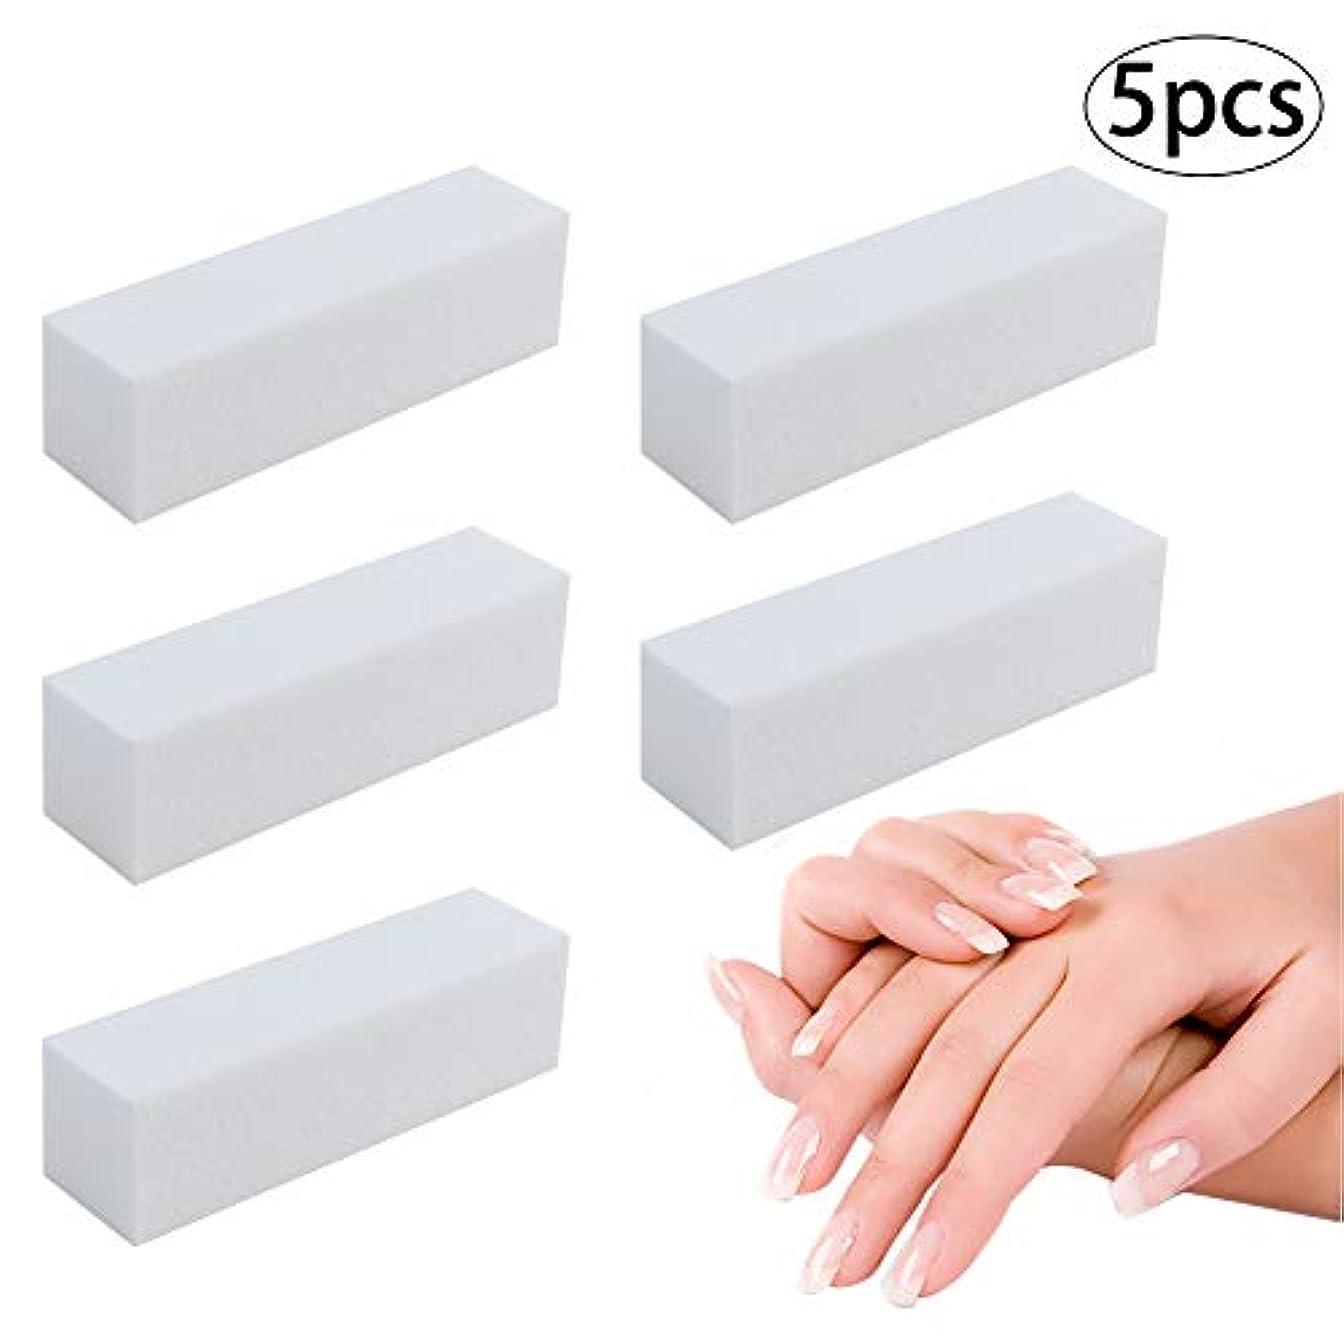 ステープル長々と小説5 PCSネイルバッファブロック4ウェイファイルポリッシュネイルは、研磨プロのネイルファイルネイルツールネイルチップ(白)